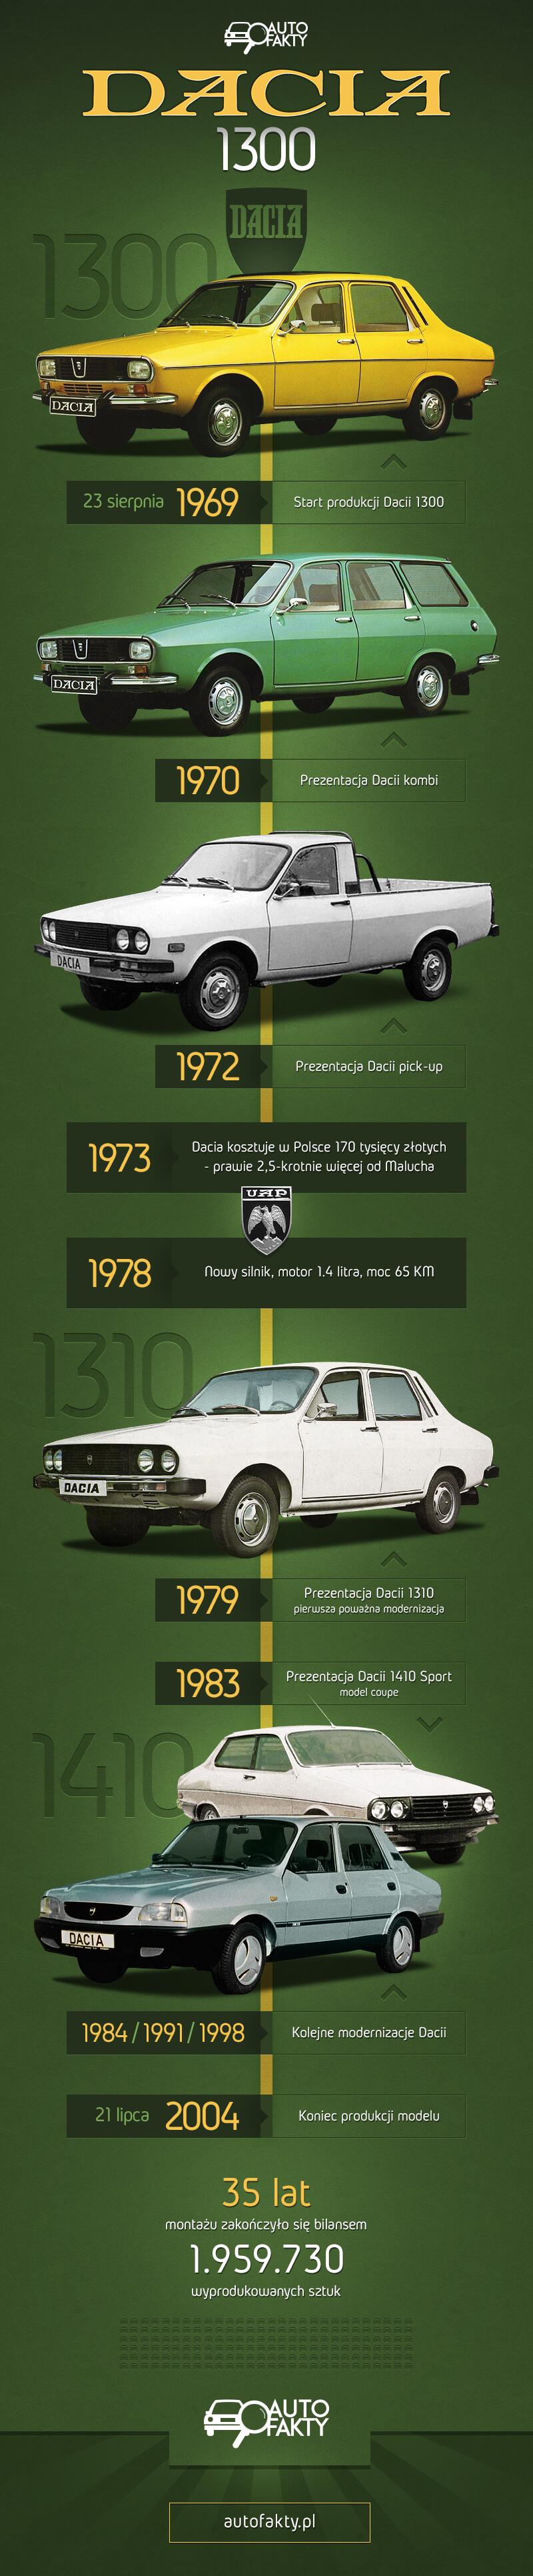 Dacia 1300 - infografika | Autofakty.pl